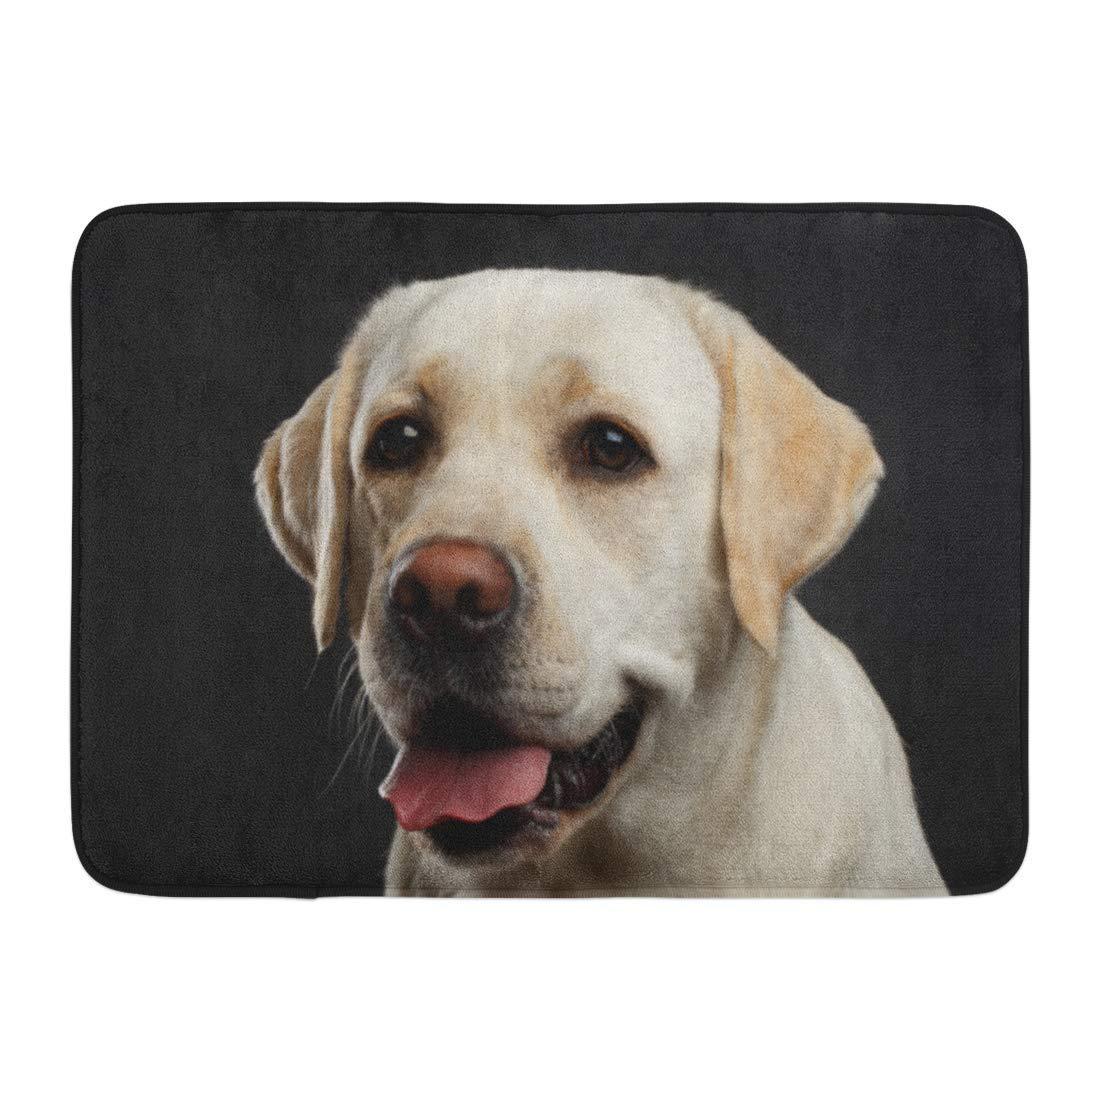 interno Marrone Adorabile ritratto di beige Labrador Retriever Cane Viso curioso di fronte Visualizza animale giallo Bagno Tappeto Tappetino da bagno Zerbini Tappeti da bagno Tappetino da esterno